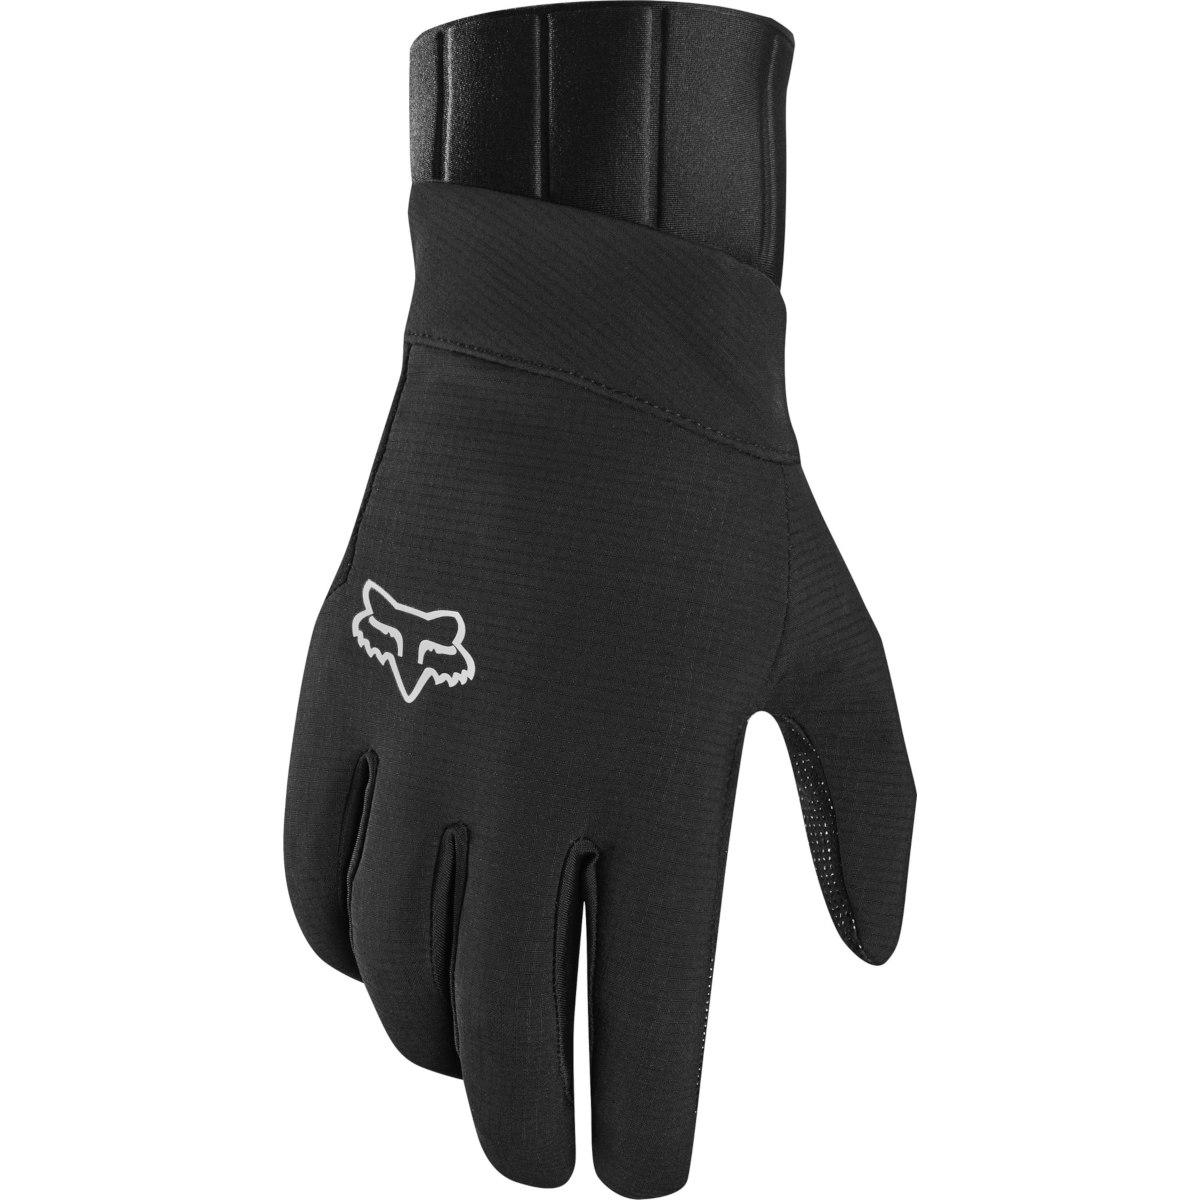 FOX Defend Pro Fire Vollfinger-Handschuh - black